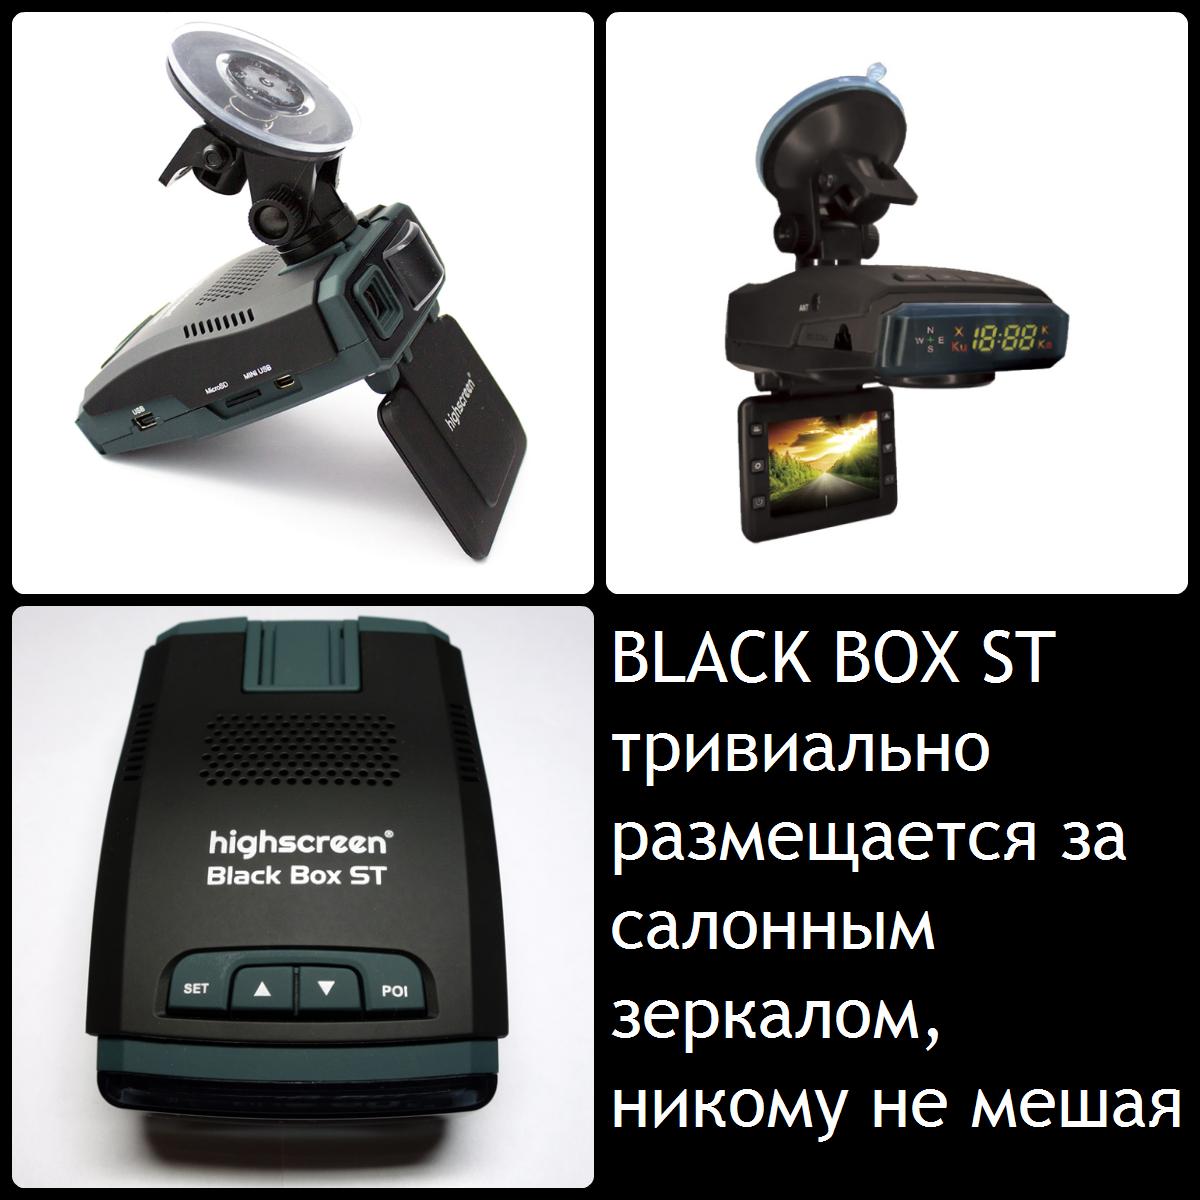 Бюджетный чёрный ящик фирмы Highscreen